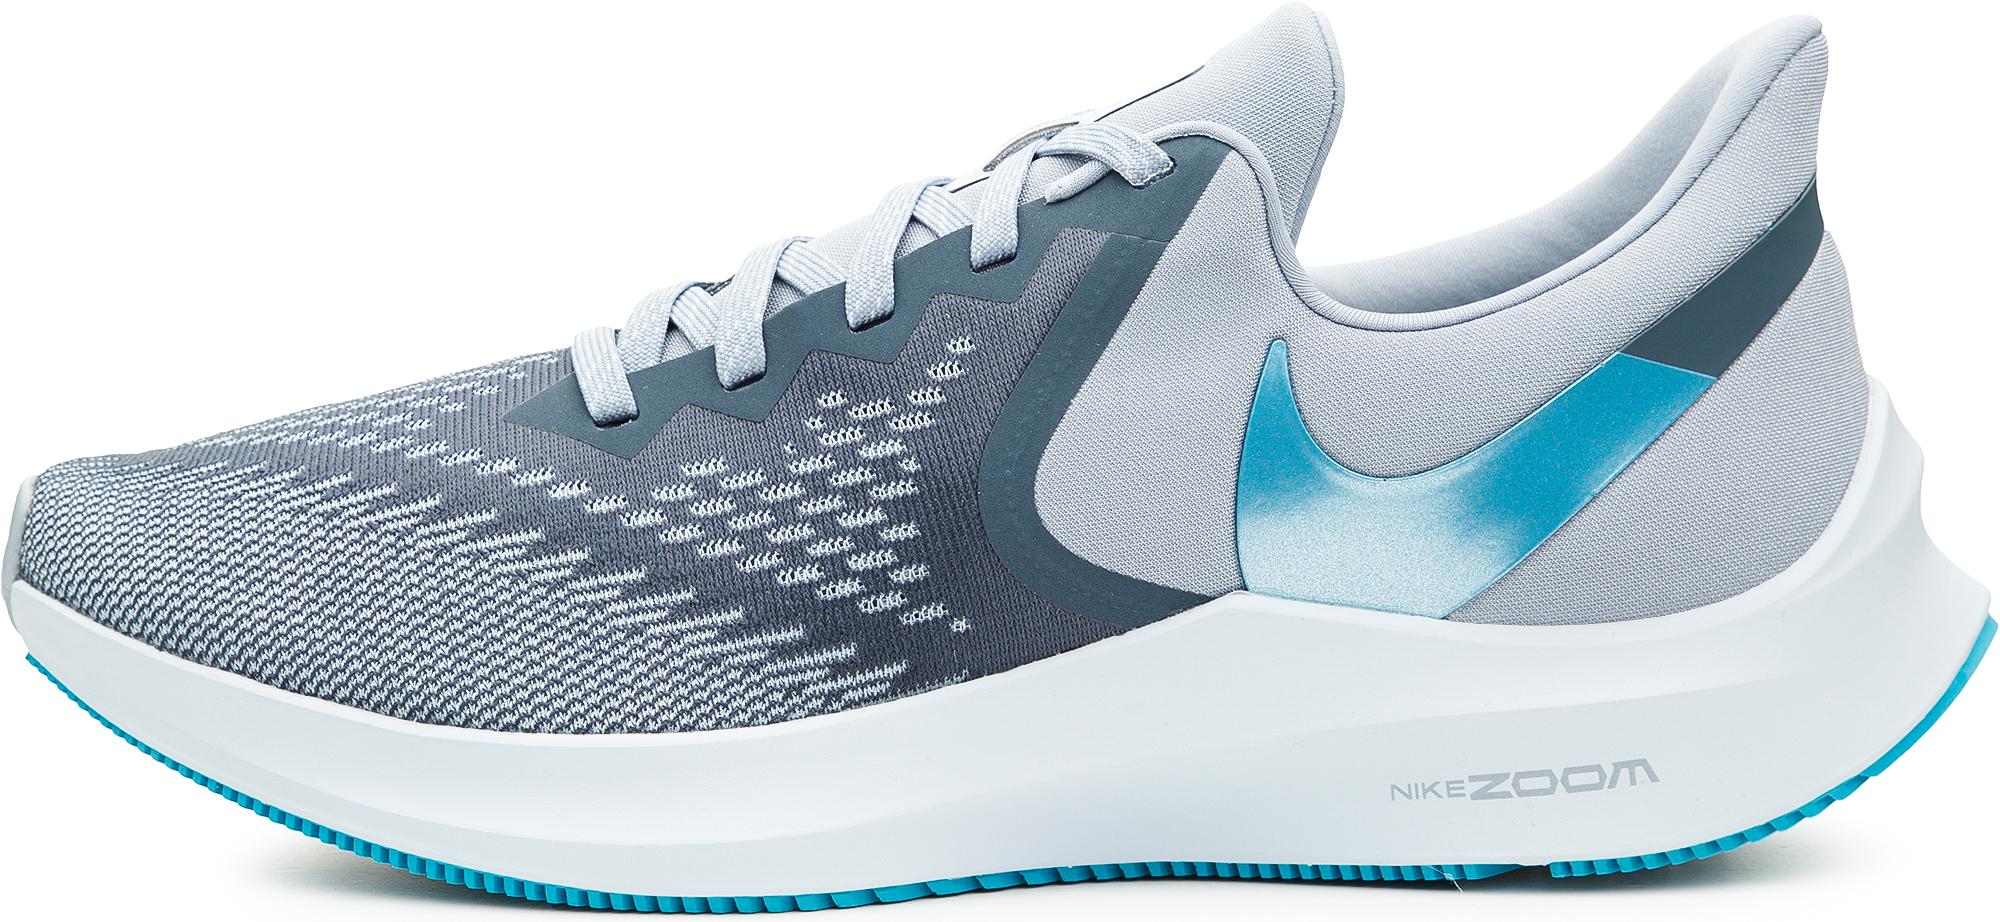 цена Nike Кроссовки мужские Nike Zoom Winflo 6, размер 45 онлайн в 2017 году